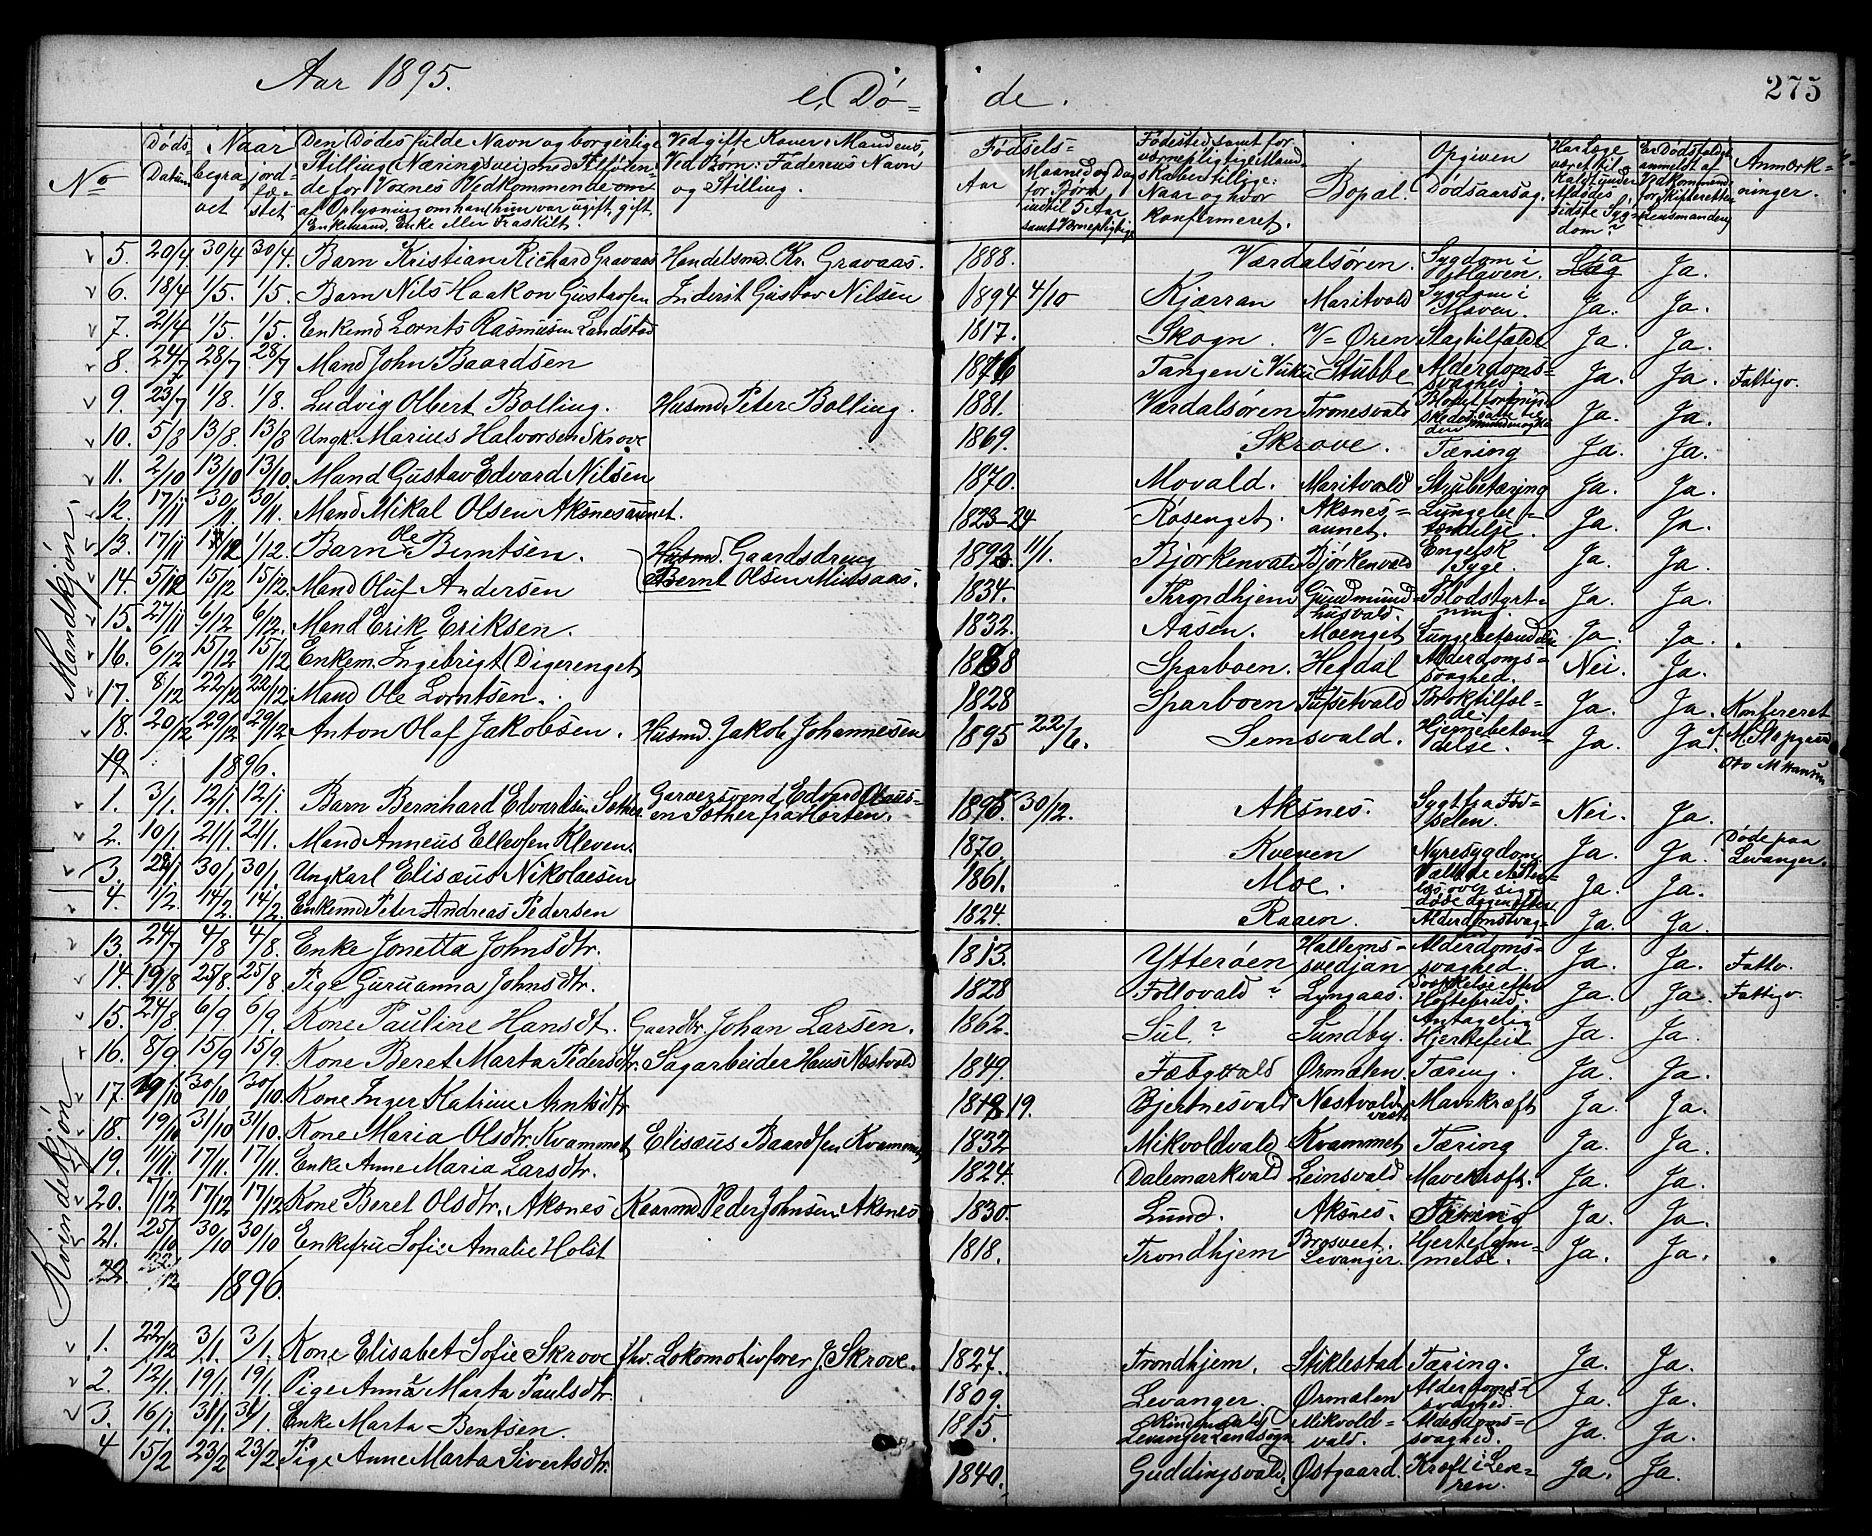 SAT, Ministerialprotokoller, klokkerbøker og fødselsregistre - Nord-Trøndelag, 723/L0257: Klokkerbok nr. 723C05, 1890-1907, s. 275